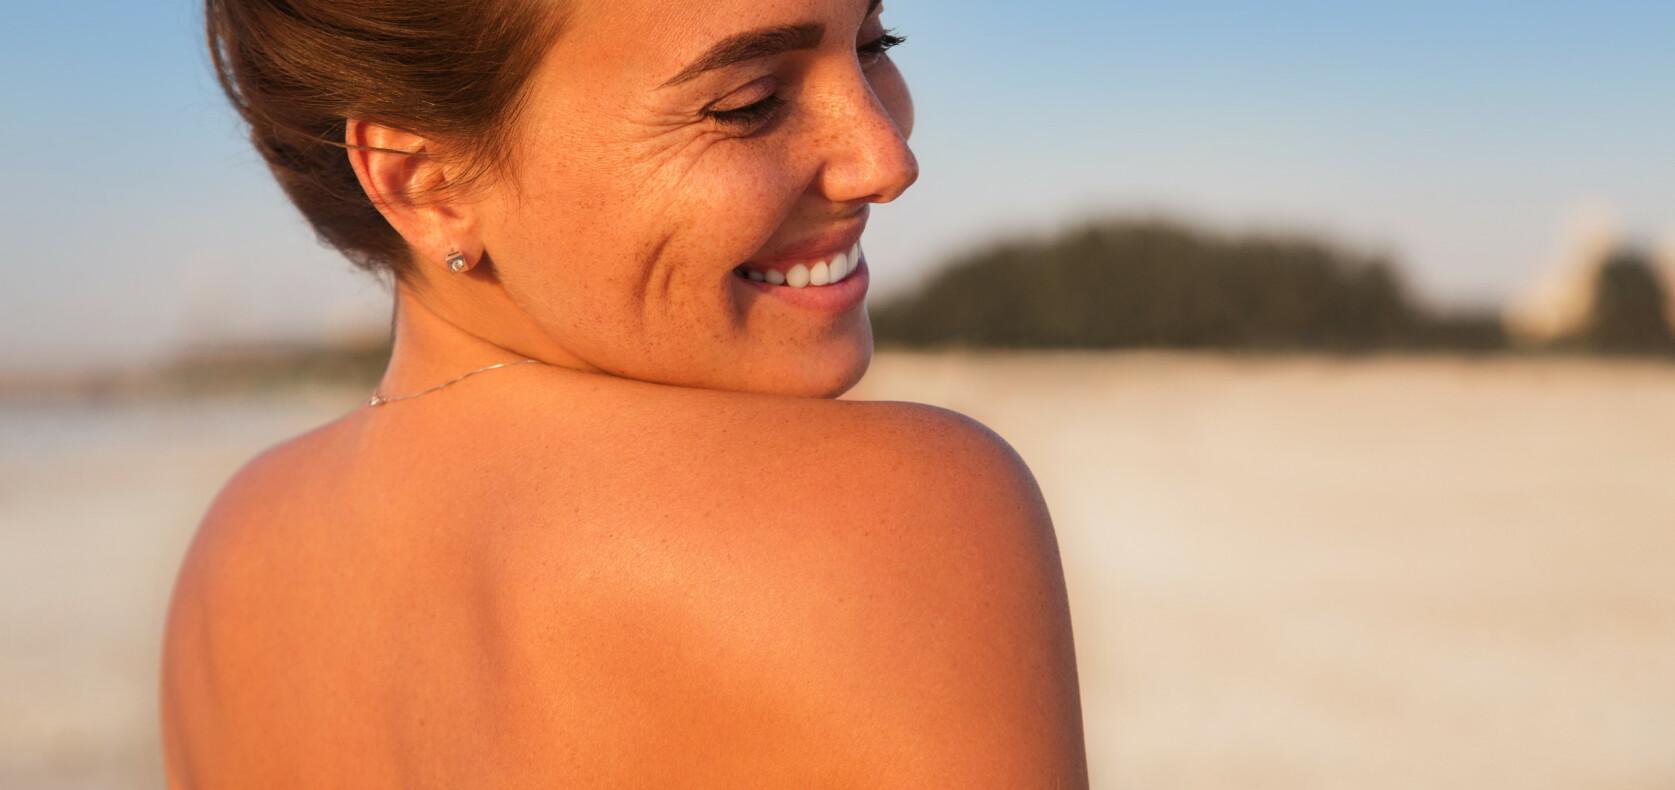 Slik blir du brun raskt– uten å skade huden